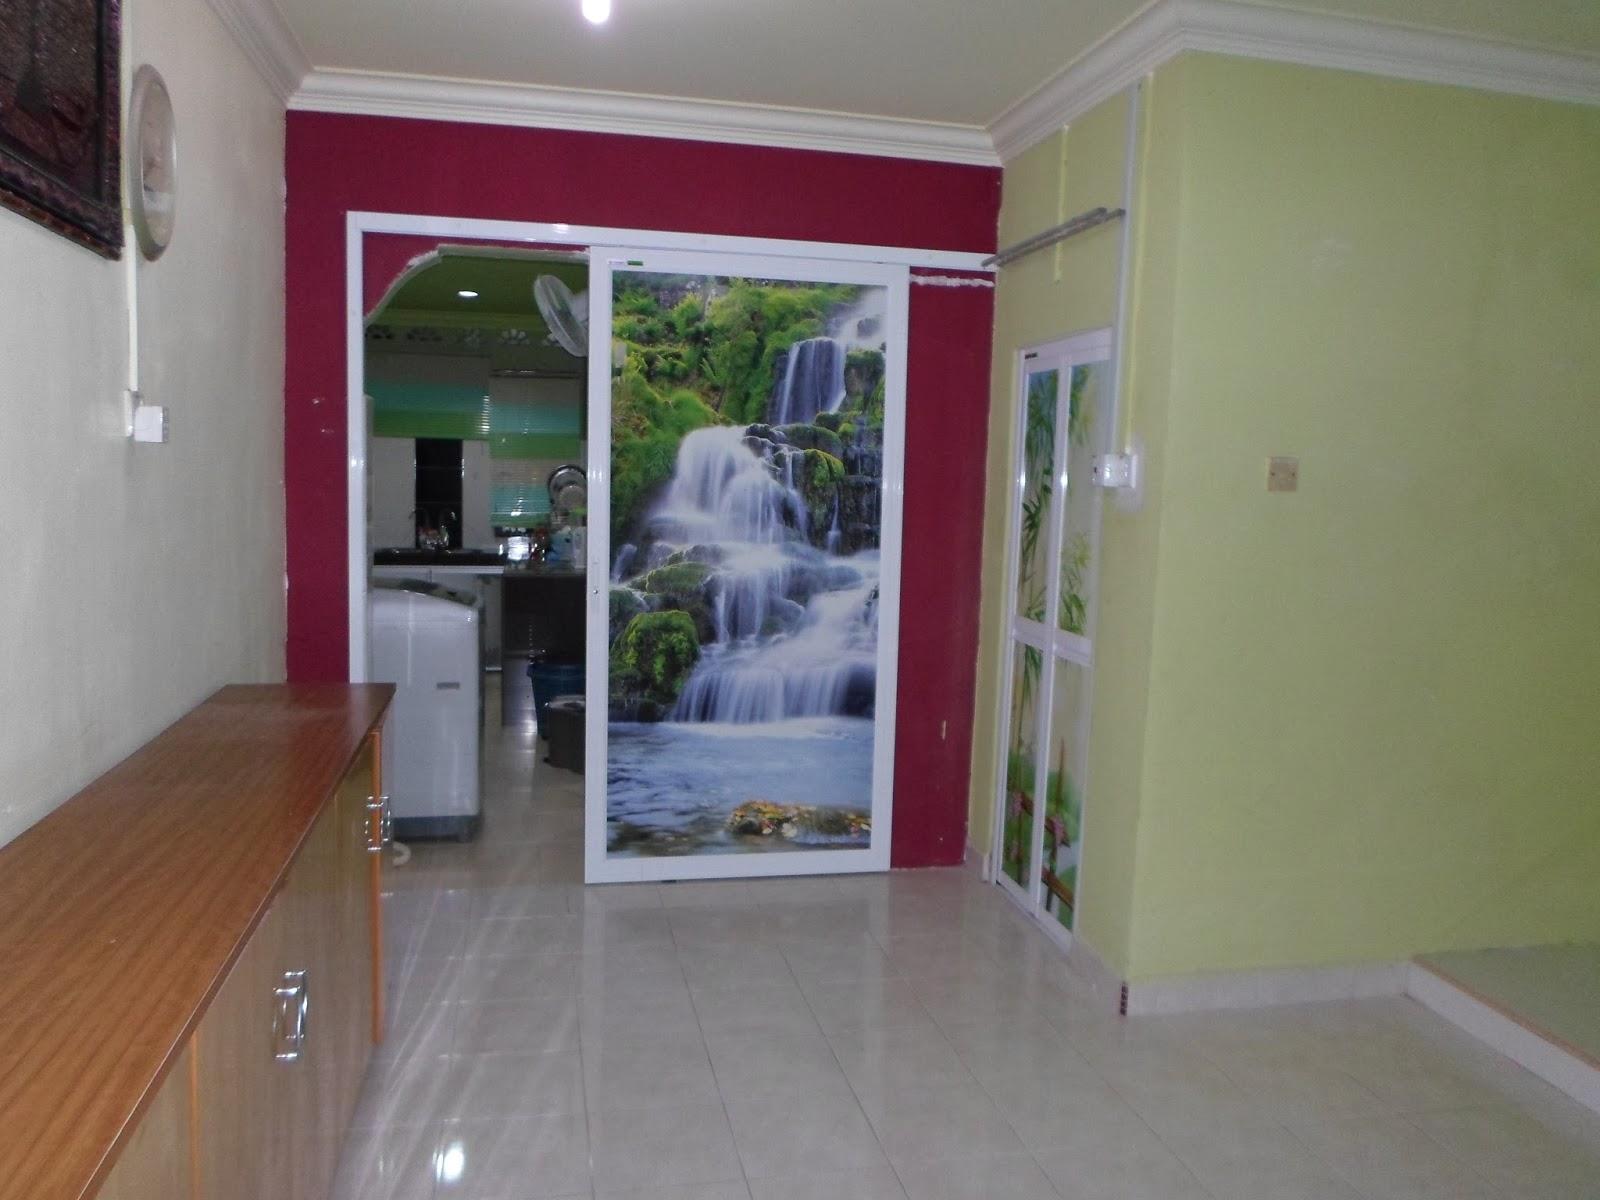 Ruang Tengah Menghubungkan Tamu Ke Dapur Dan Juga Tangga Untuk Tingkat Atas Terdapat Bilik Air